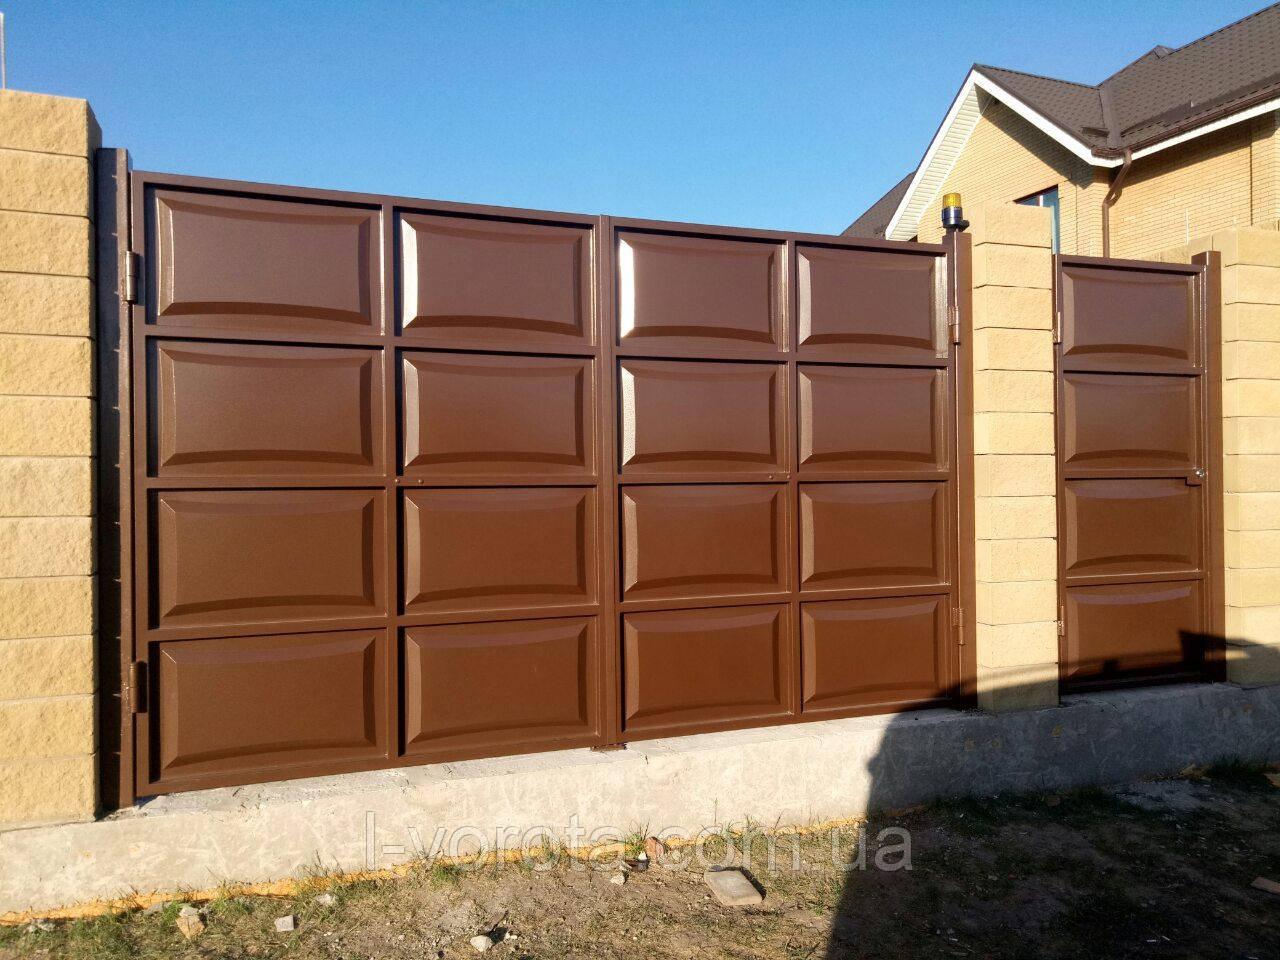 Автоматические распашные ворота ш4000, в2000 и калитка ш1000, в2000 (дизайн филенка, шоколадка линза)